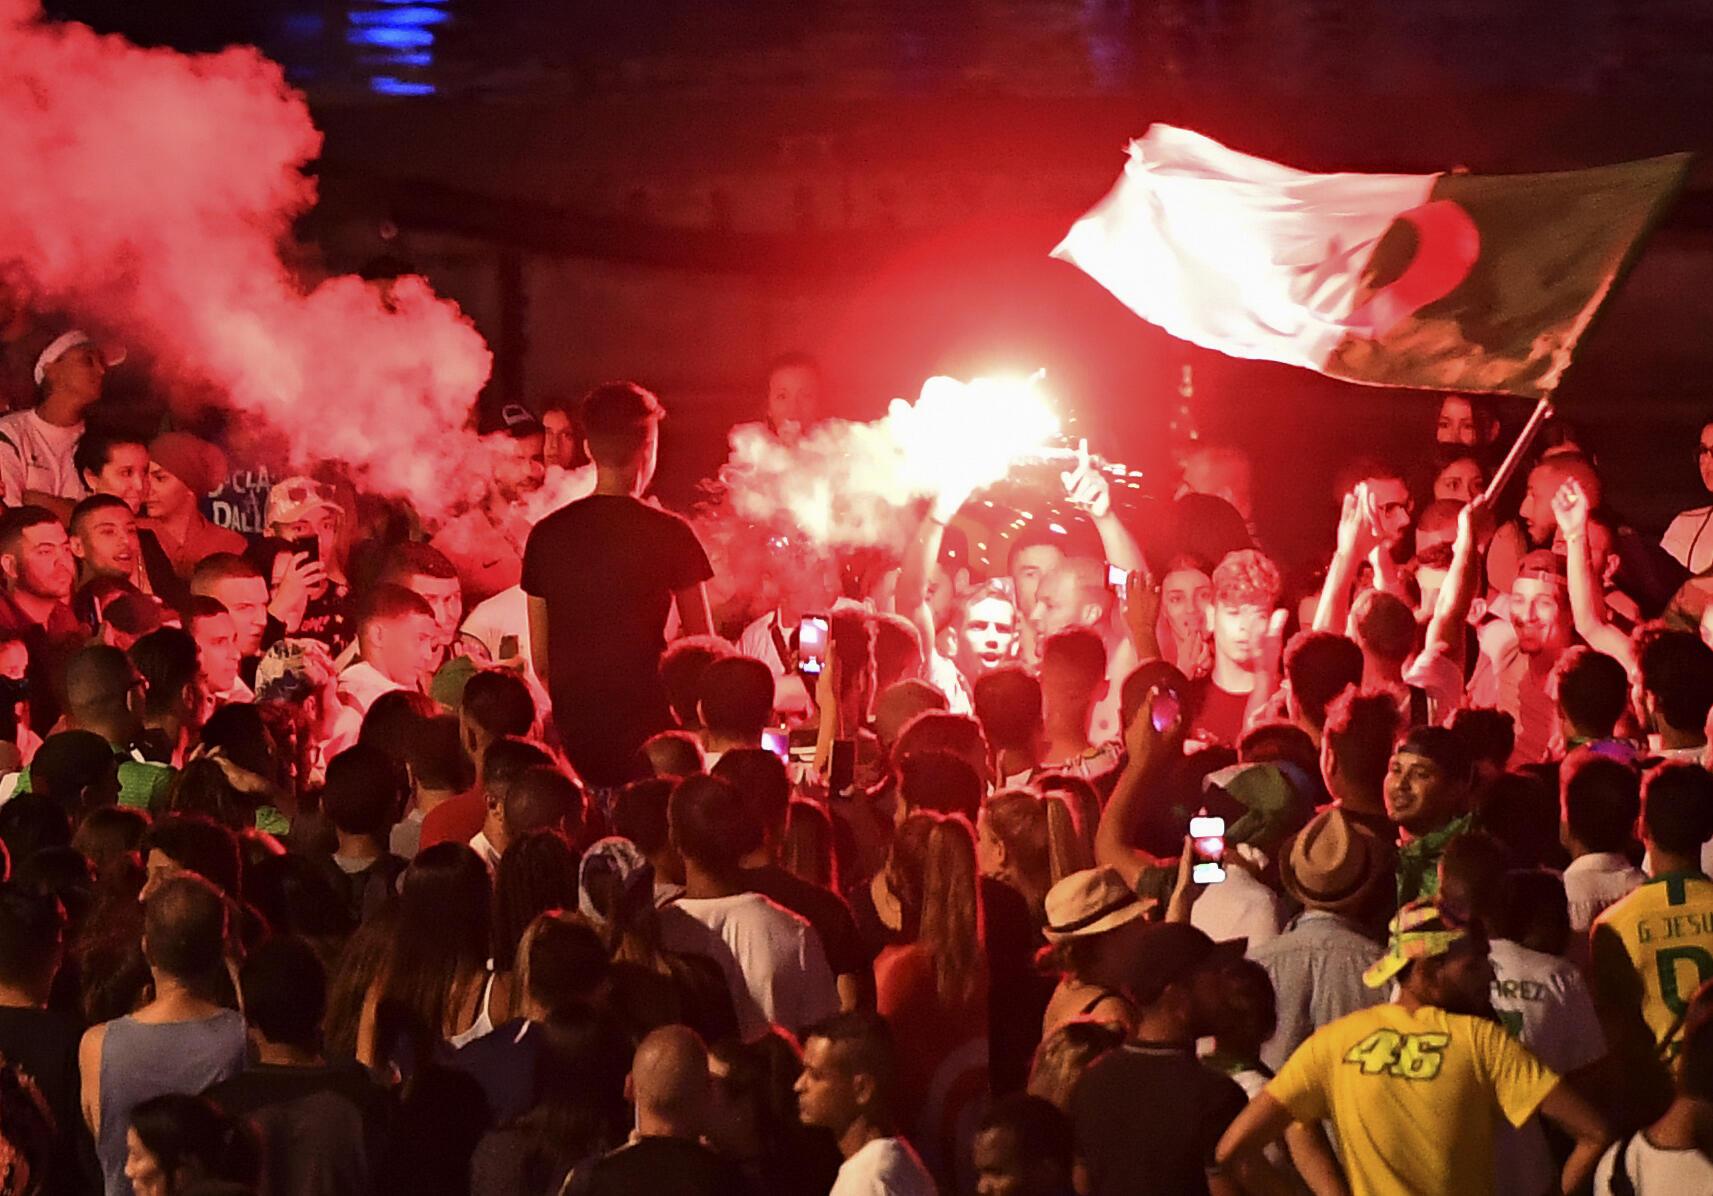 Болельщики сборной Алжира в Марселе вечером 14 июля 2019.